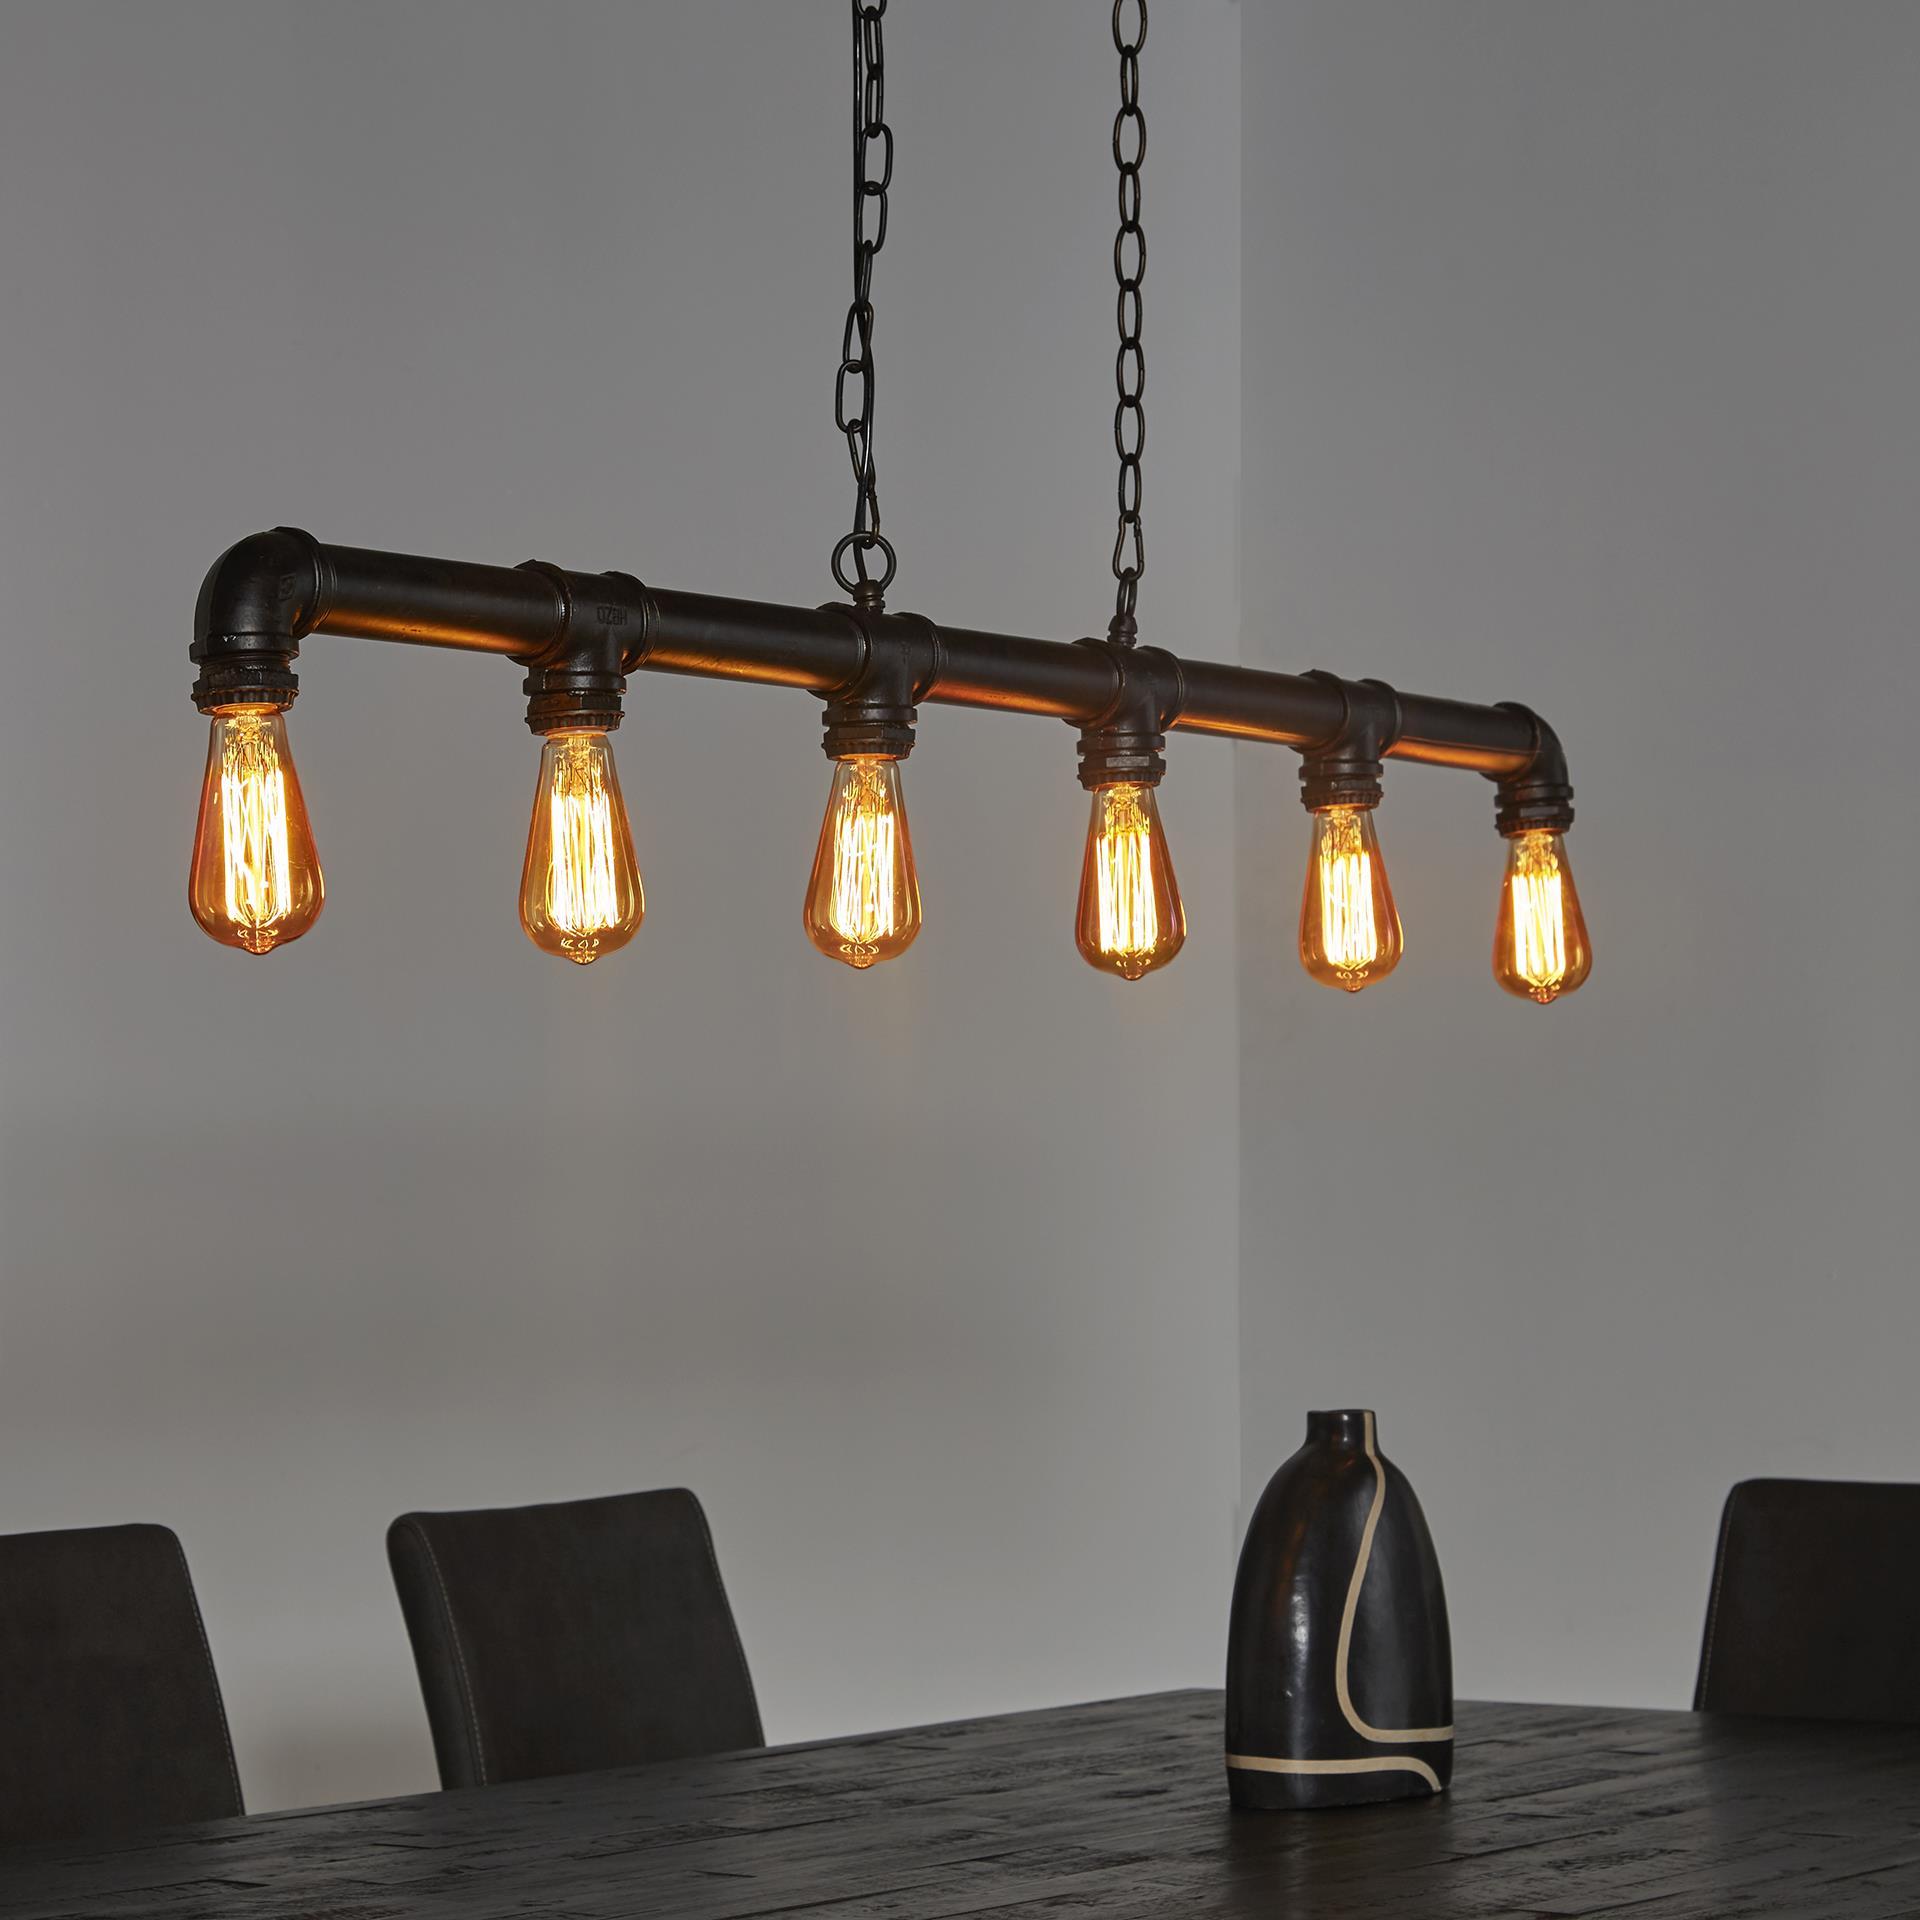 Industriële Hanglamp 'Brock' 6-lamps